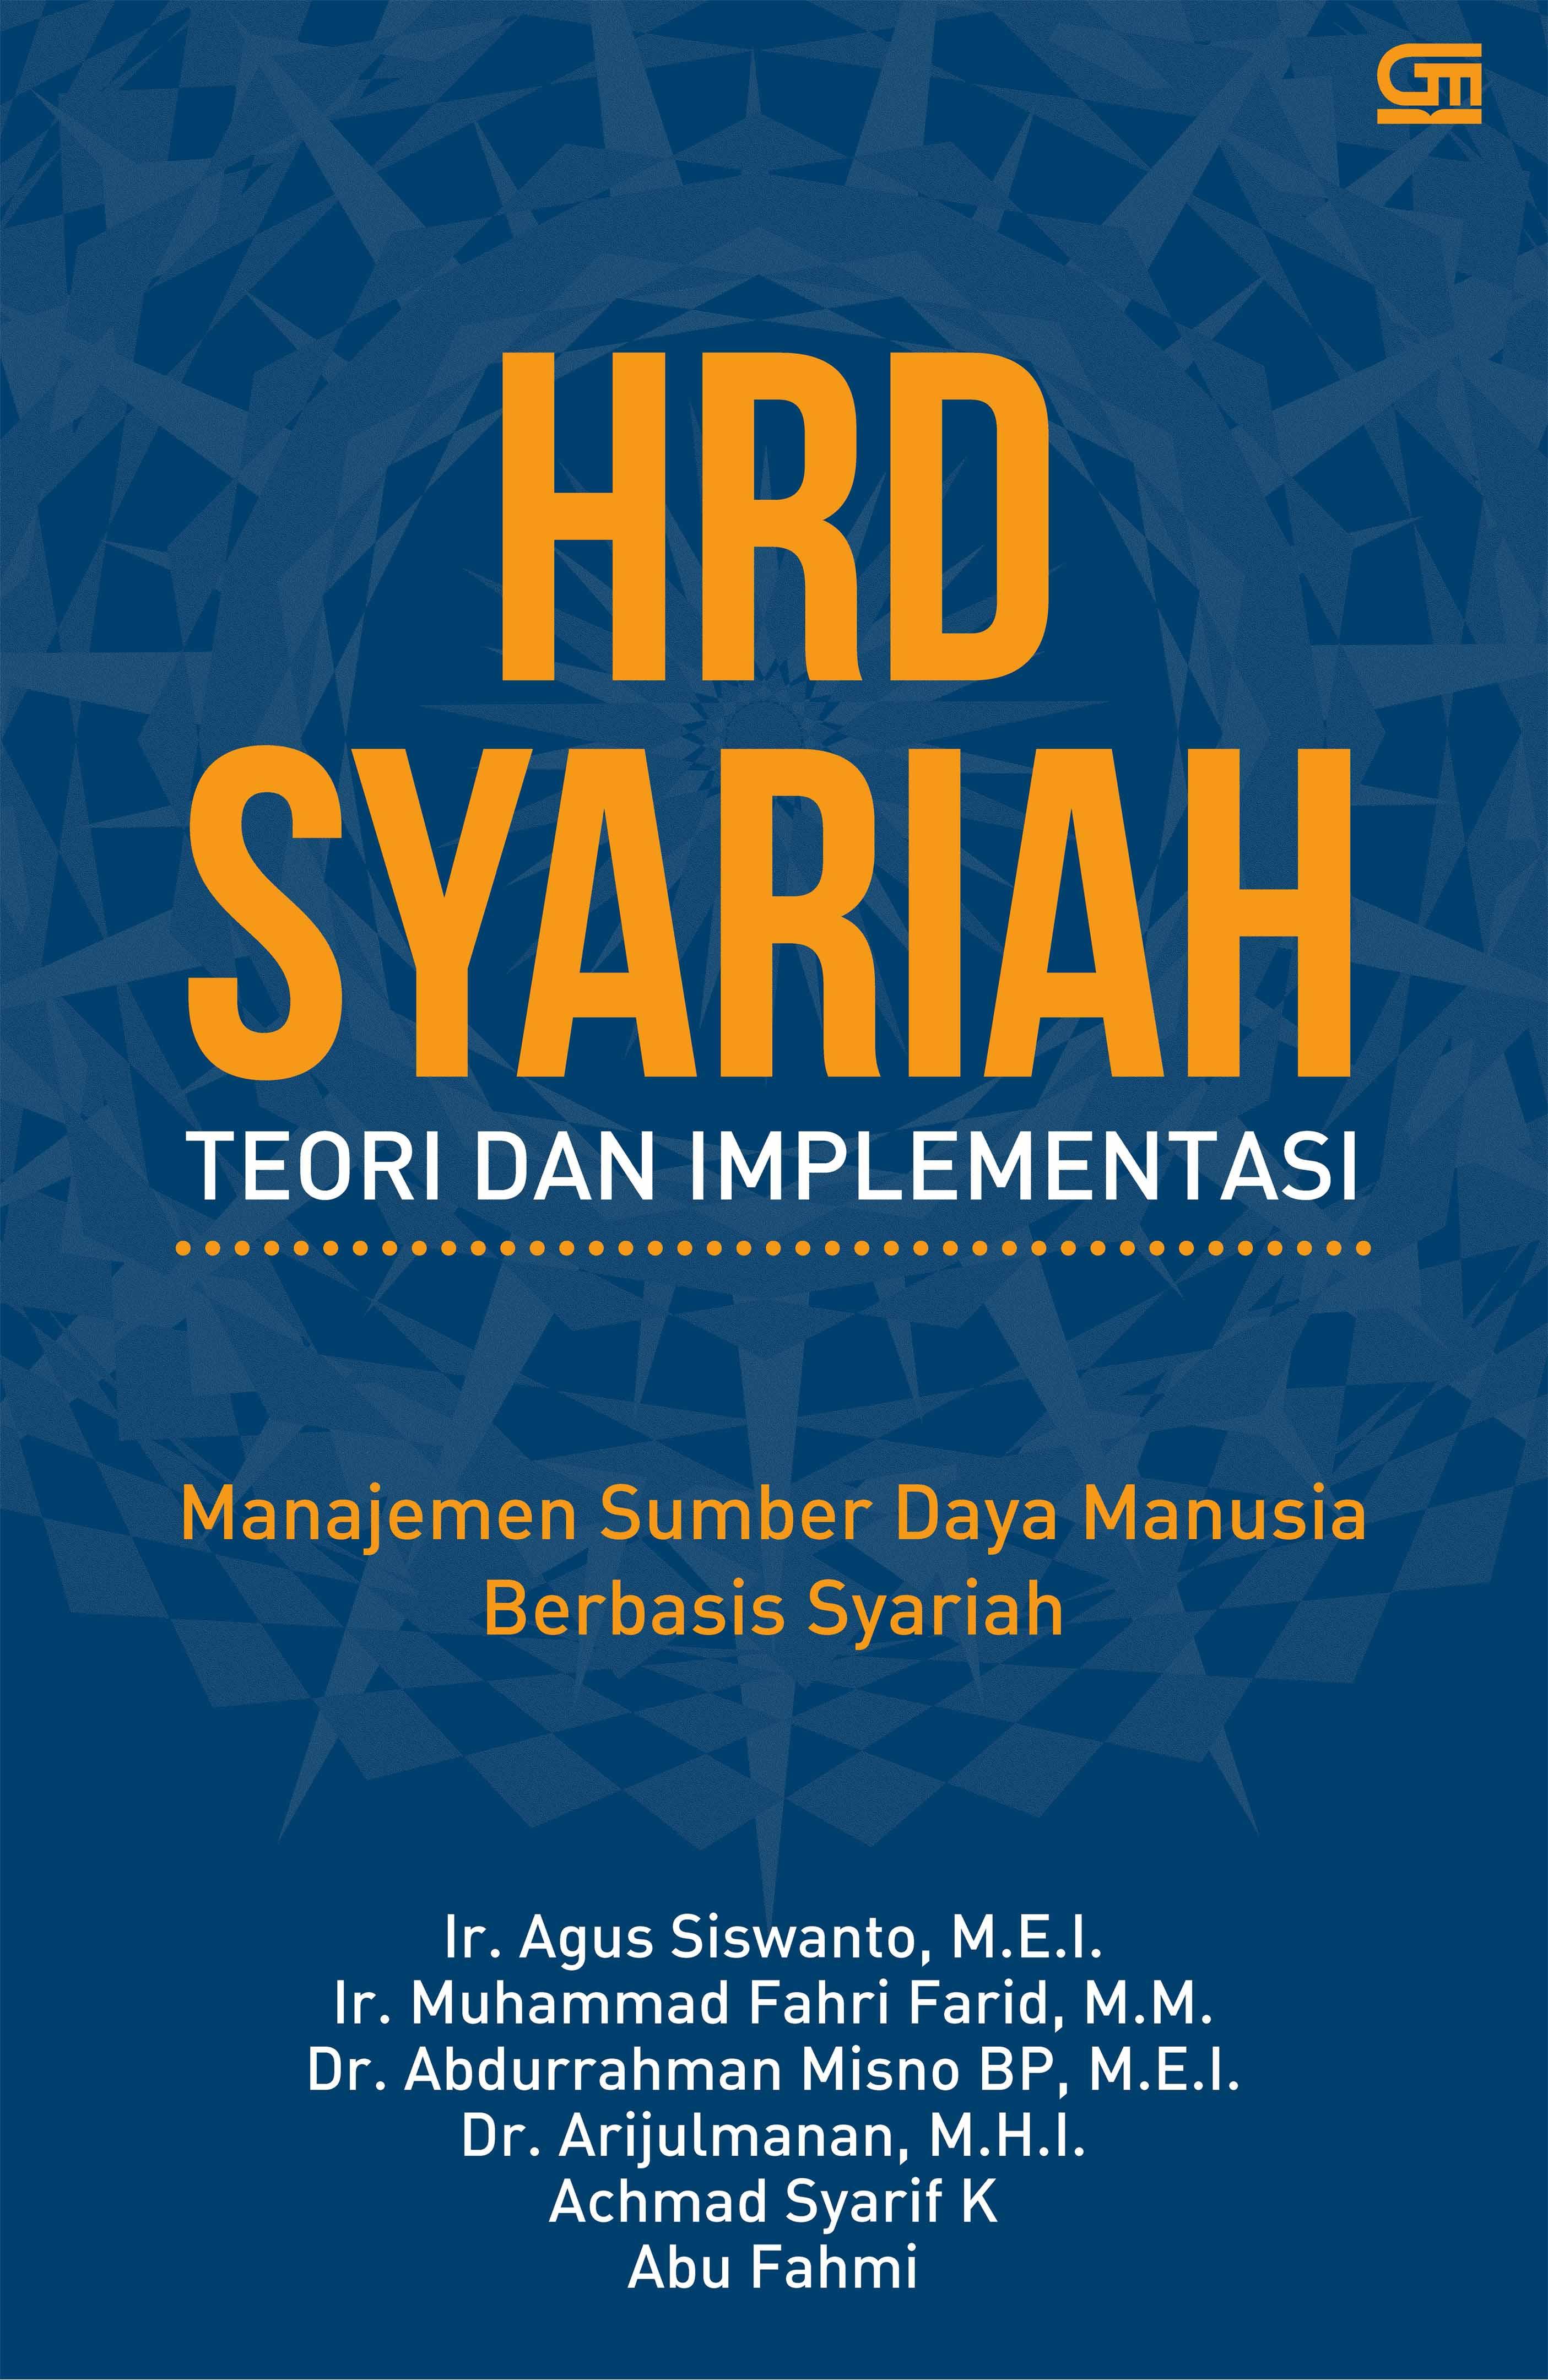 HRD Syariah